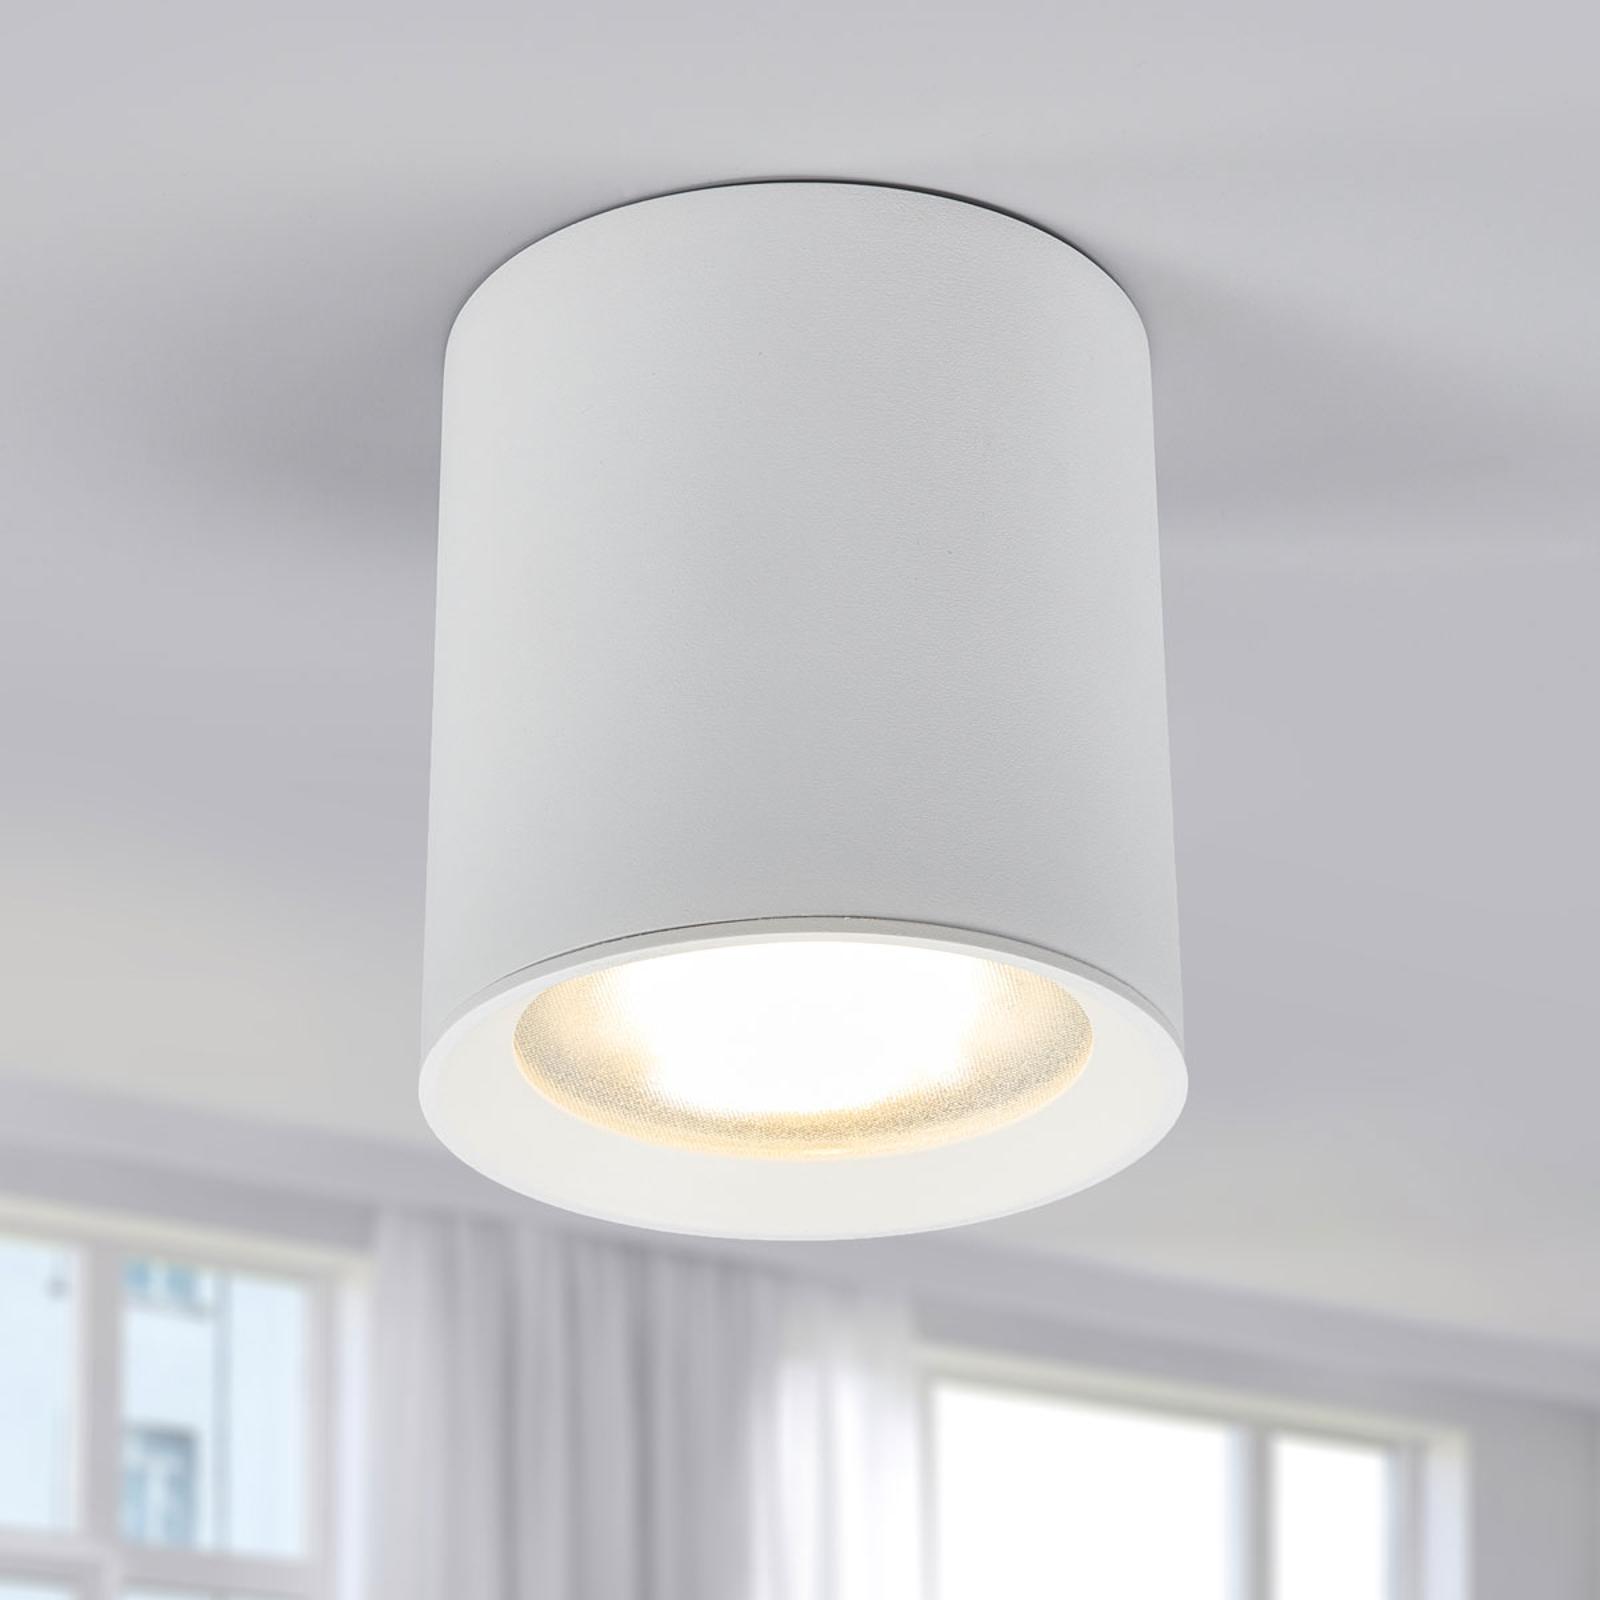 LED-taklampe Benk, 11 cm, 6,7 W